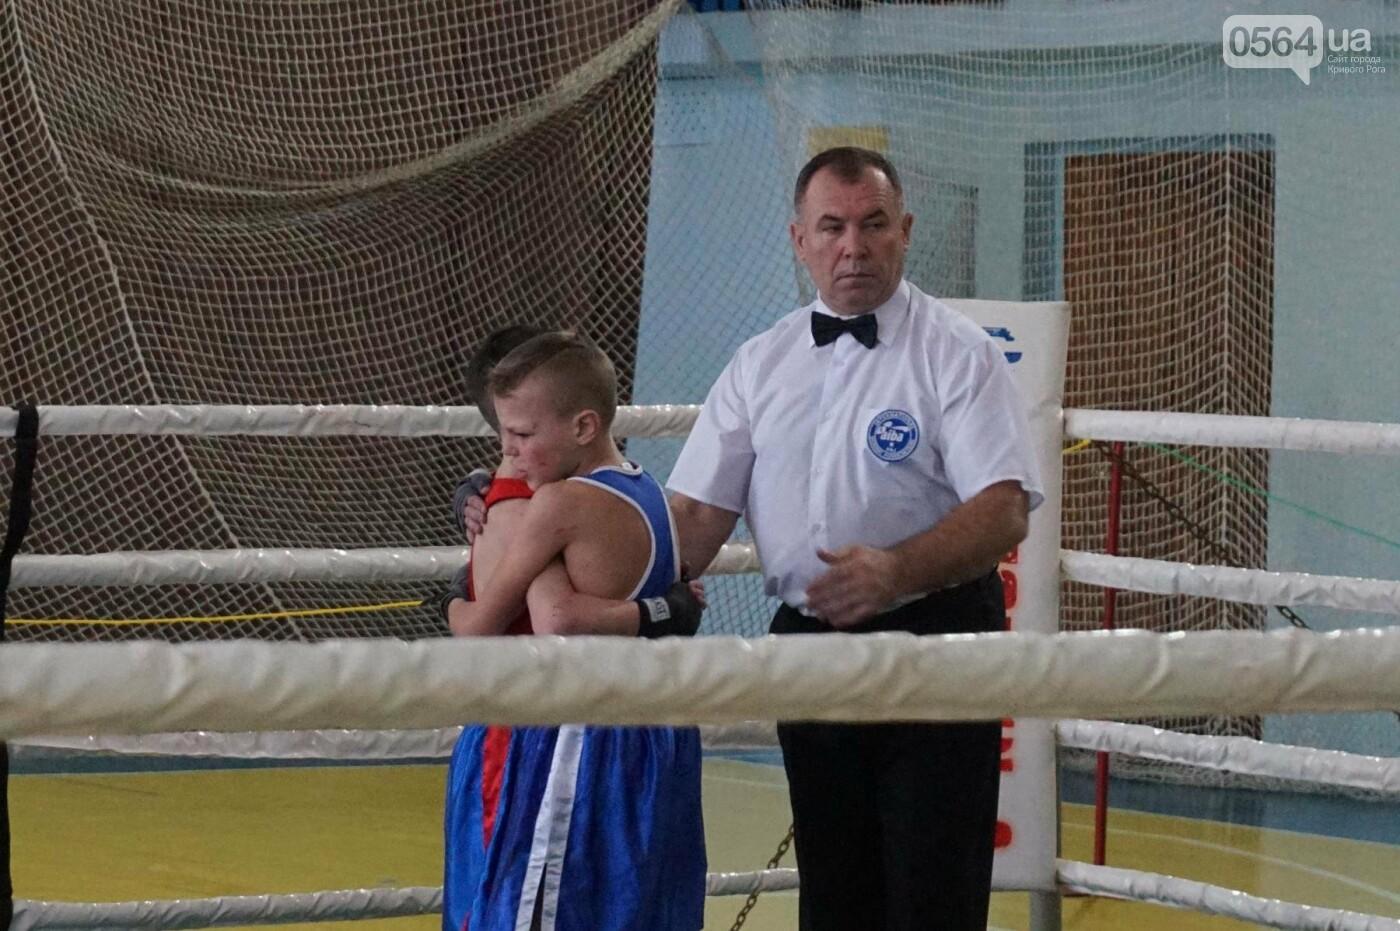 В Кривом Роге состоялся Международный турнир по боксу (ФОТО, ВИДЕО), фото-42